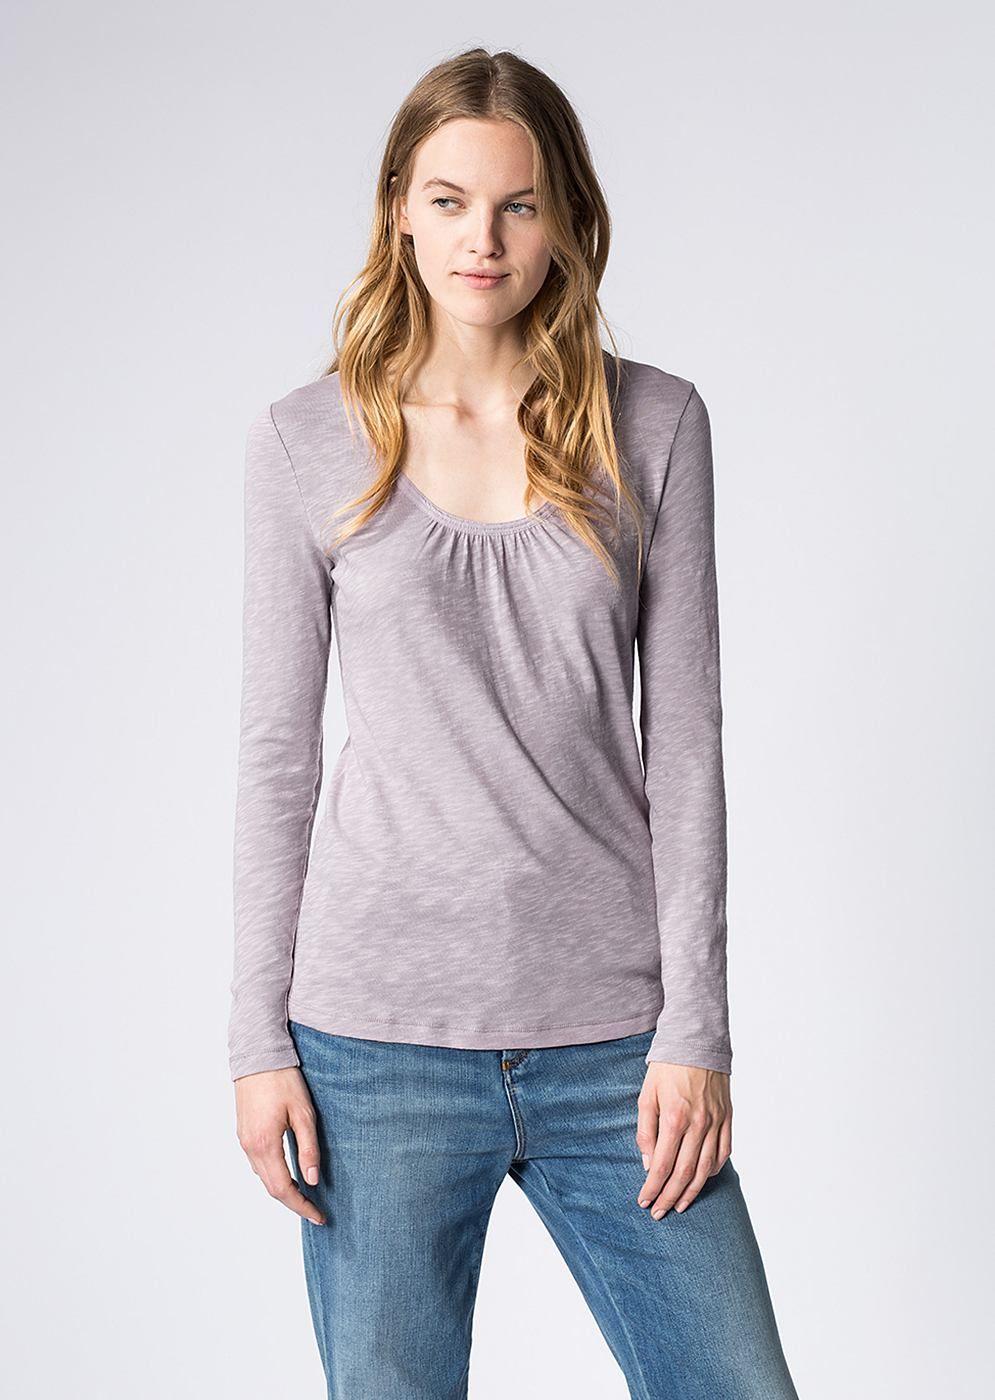 Mit feiner Strukturierung und hoher Elastizität begeistert das feminine Langarm-Shirt aus weichem Slub Yarn Jersey. Das Baumwoll-Shirt setzt mit seinem tiefen und leicht gerundeten V-Ausschnitt und den dezenten Raffungen gekonnt Akzente. Aus 100% Baumwolle....